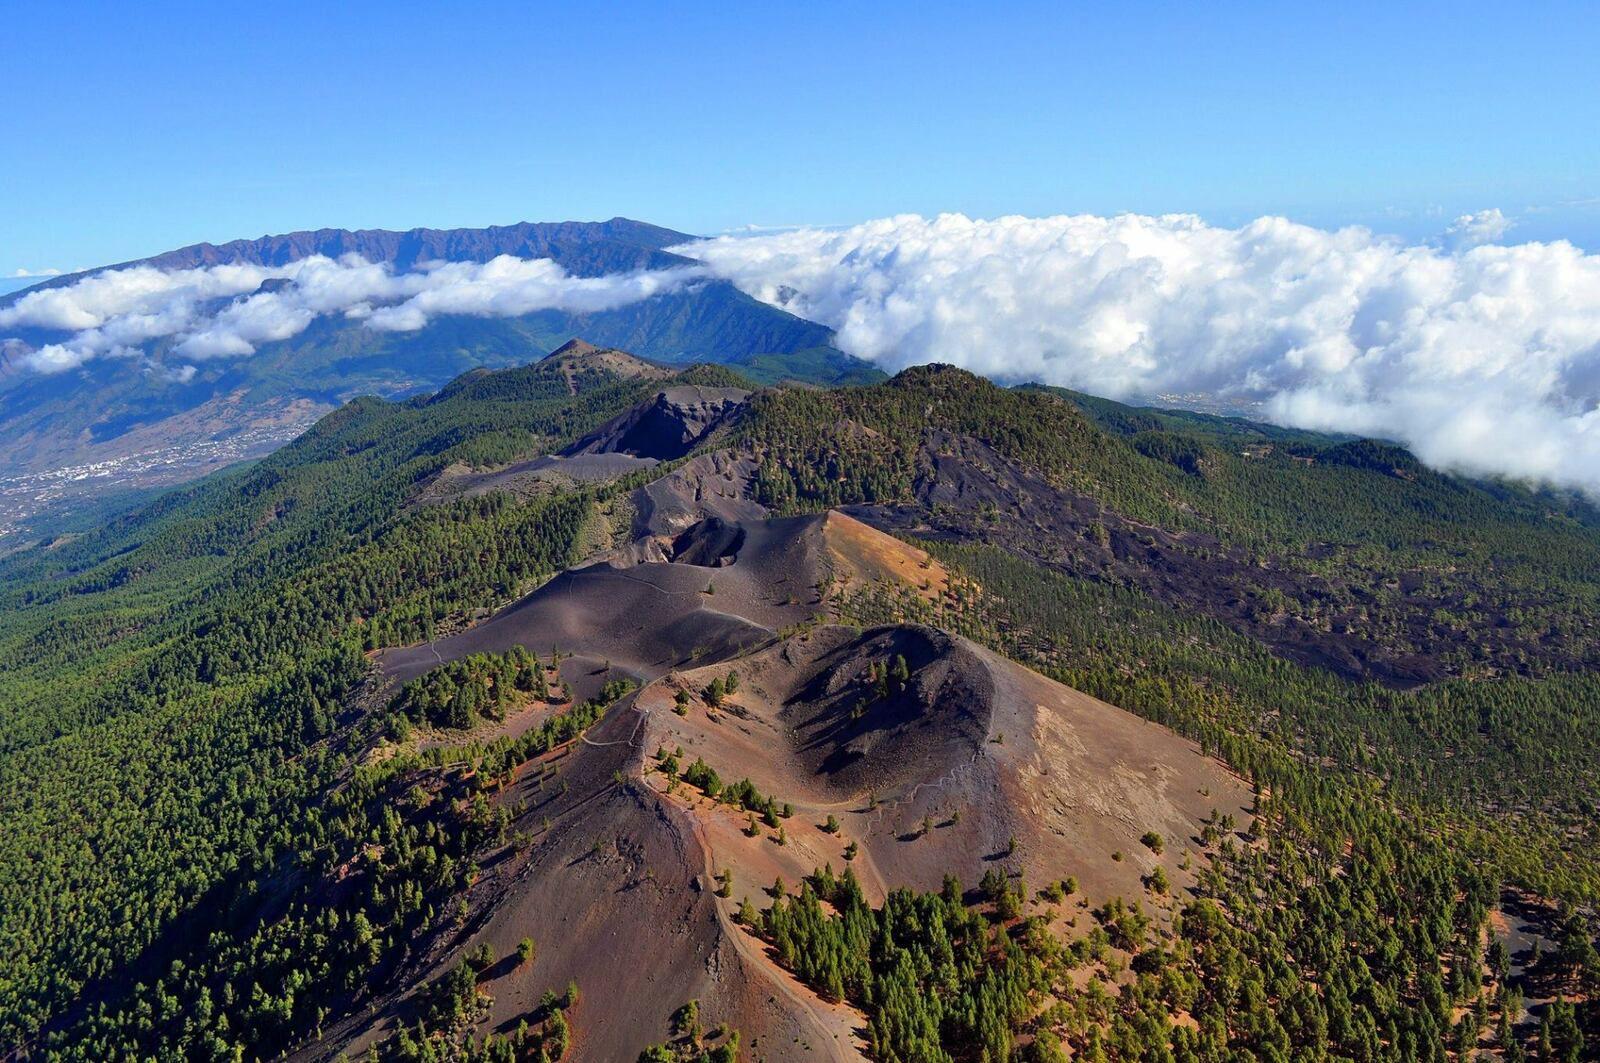 Cumbre Vieja volcano - photo In Volcan / fotoaereasdecanarias